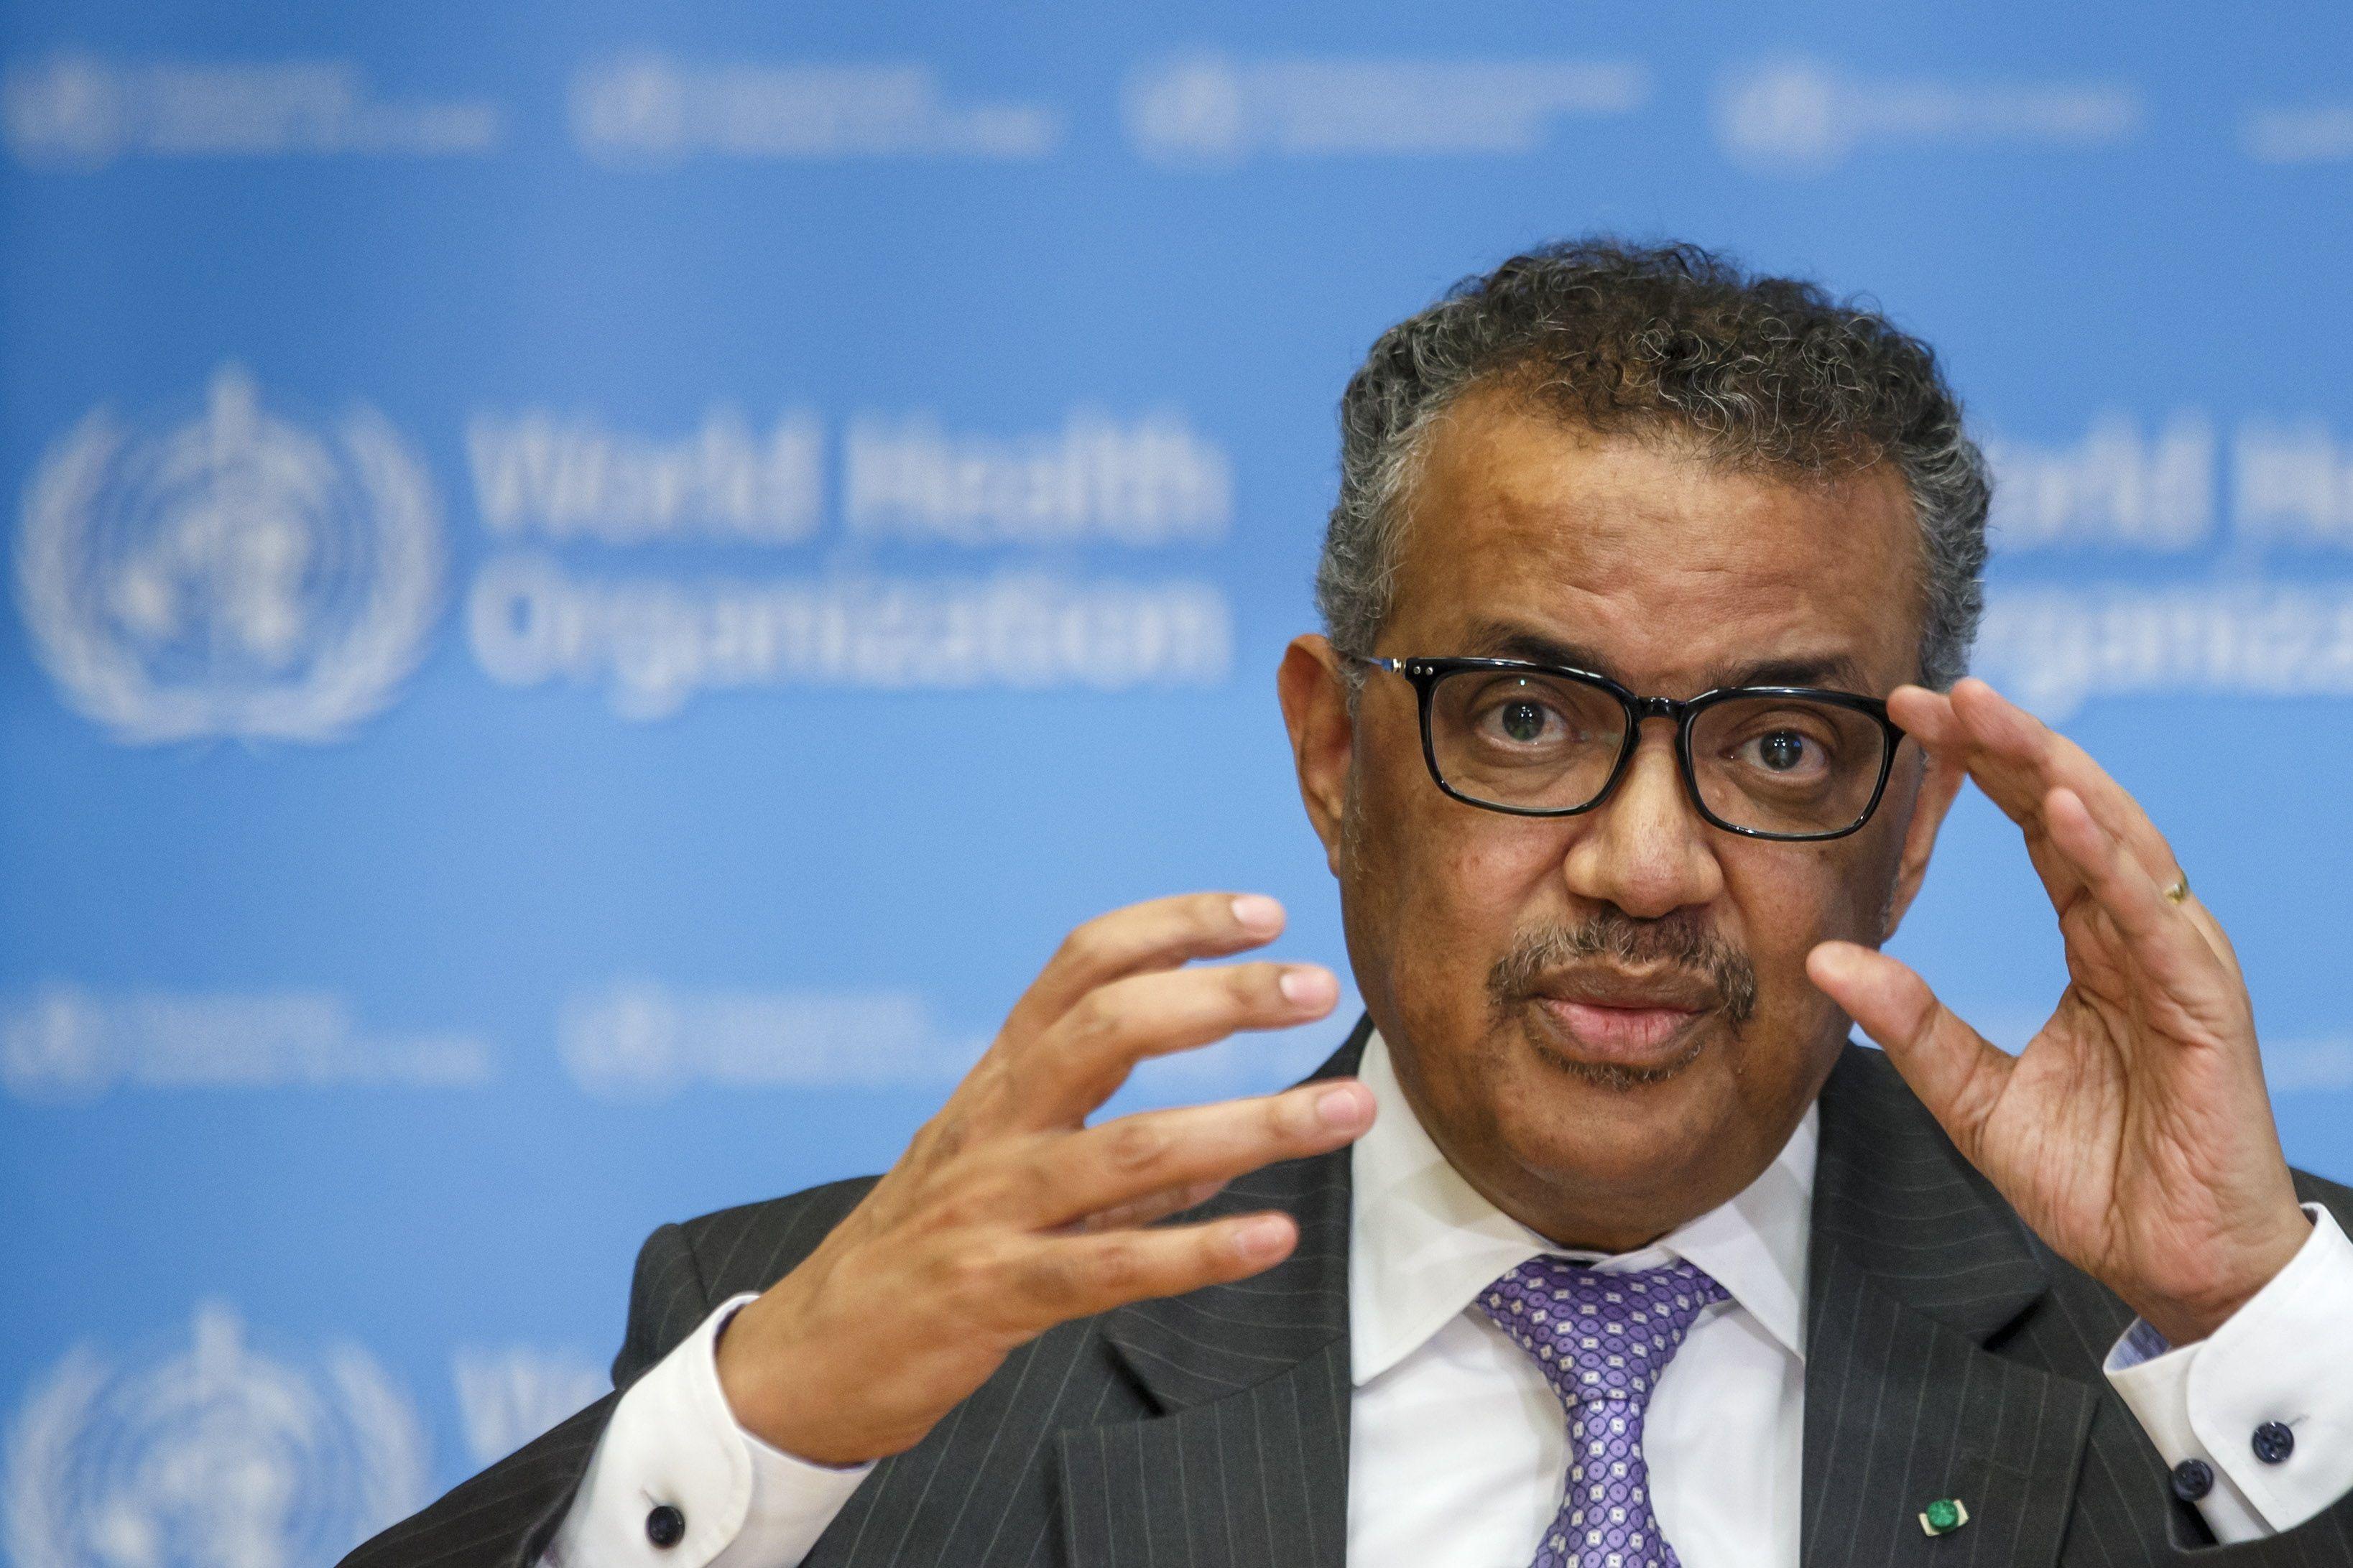 El director general de la Organización Mundial de la Salud (OMS), Tedros Adhanom Ghebreyesus. EFE/ Salvatore Di Nolfi/Archivo